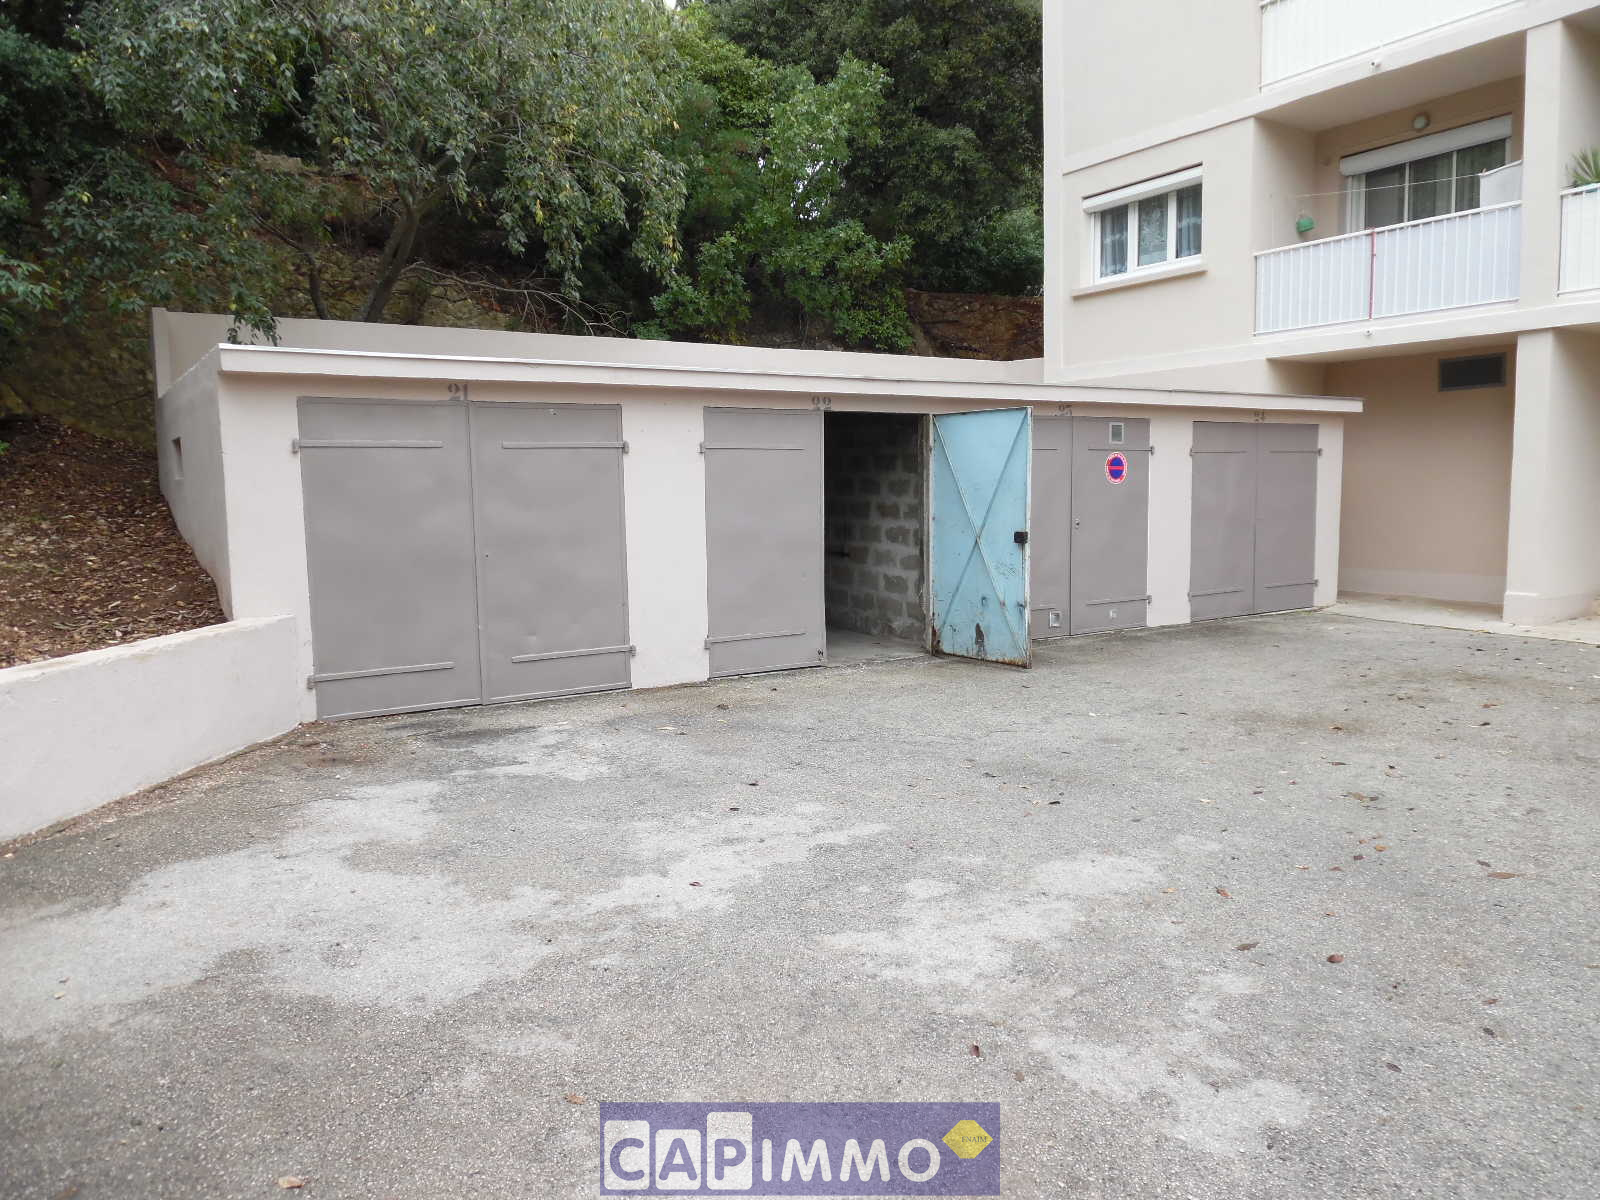 Vente appartements maisons villas la garde le pradet for Garage a vendre toulon mourillon